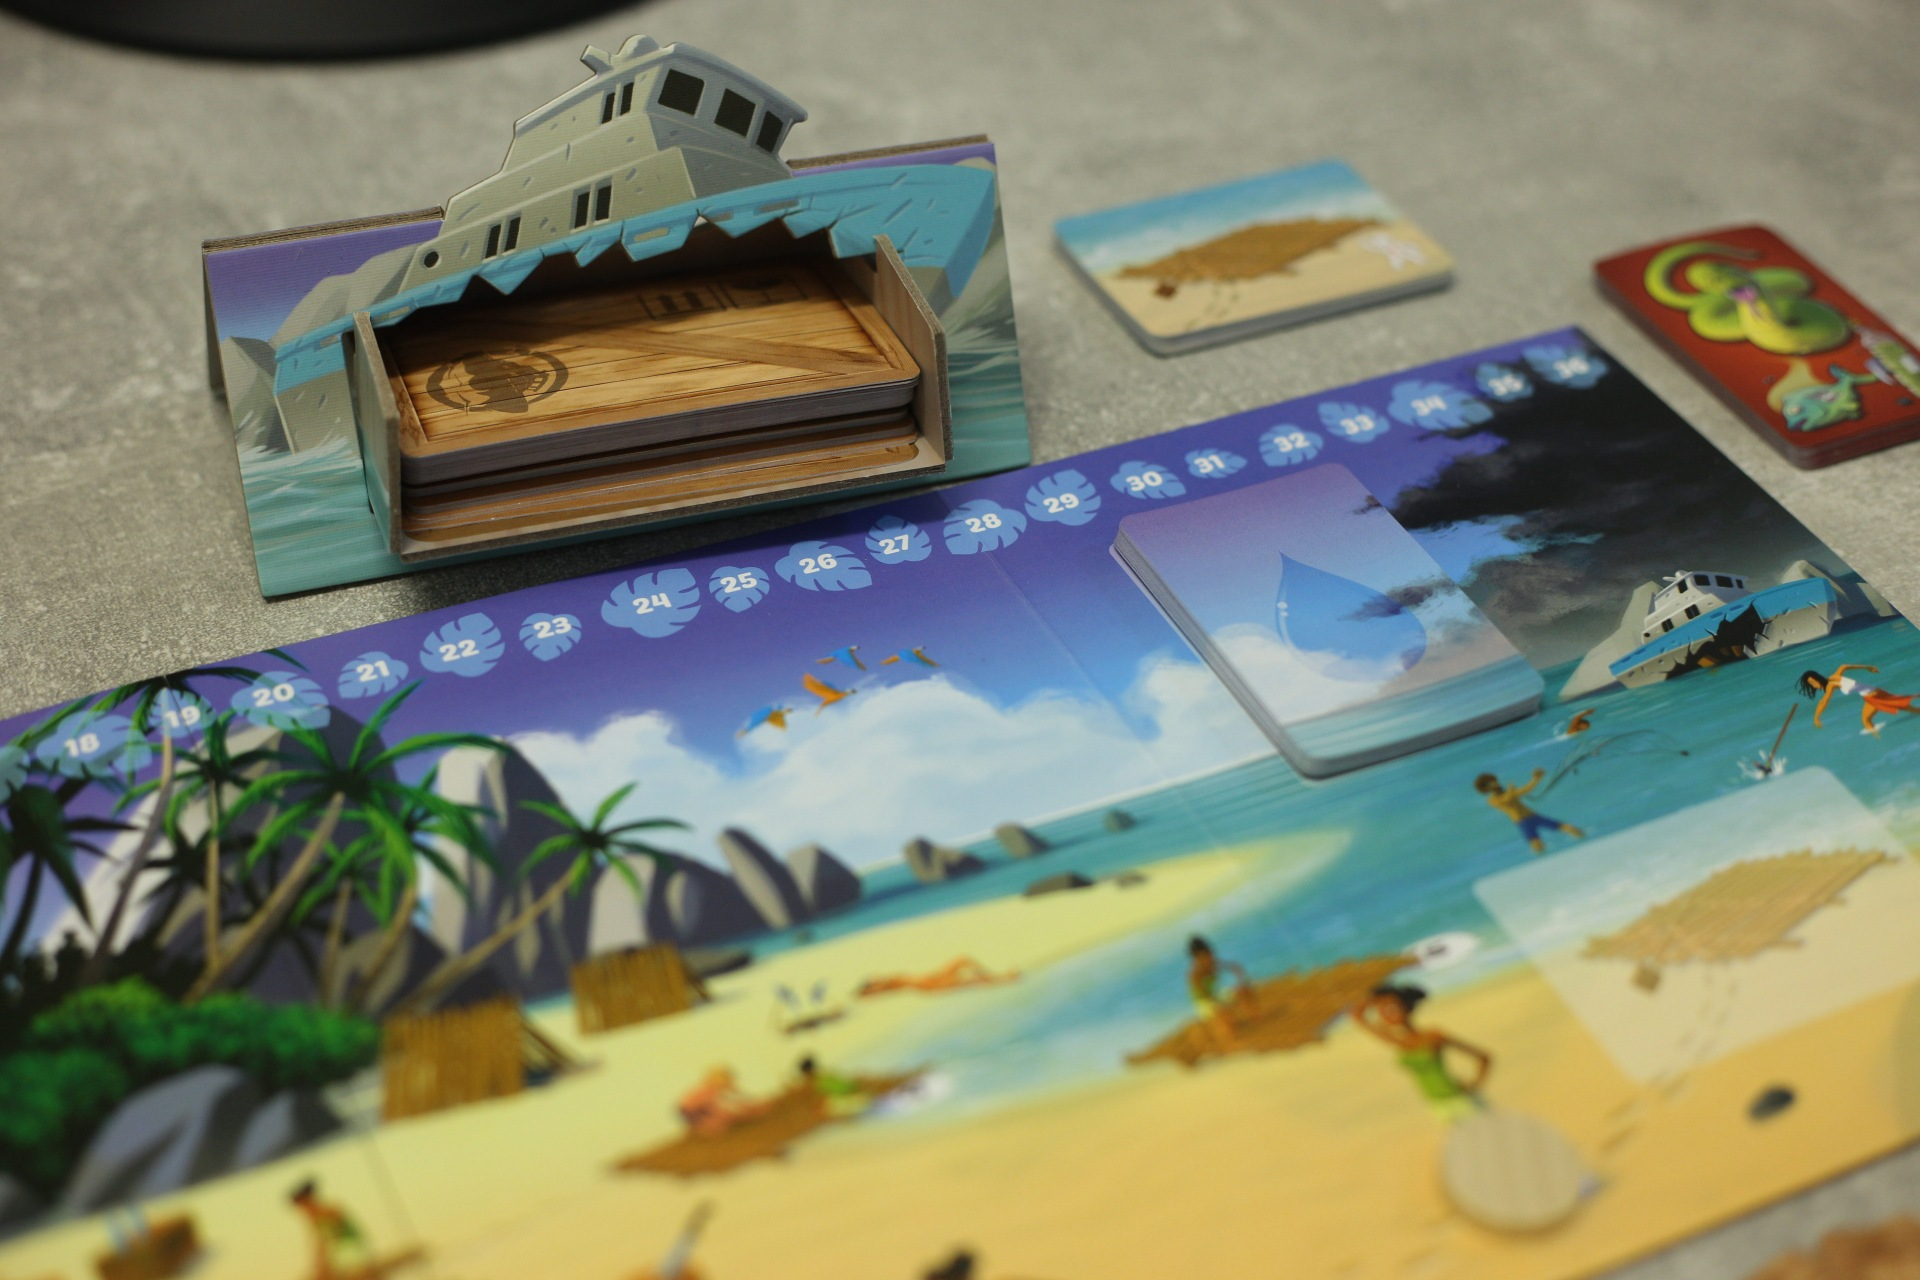 Vrak lode, ktorý môžete prehľadať, skrýva rôzne predmety (Foto: PoP-Cult Magazín)